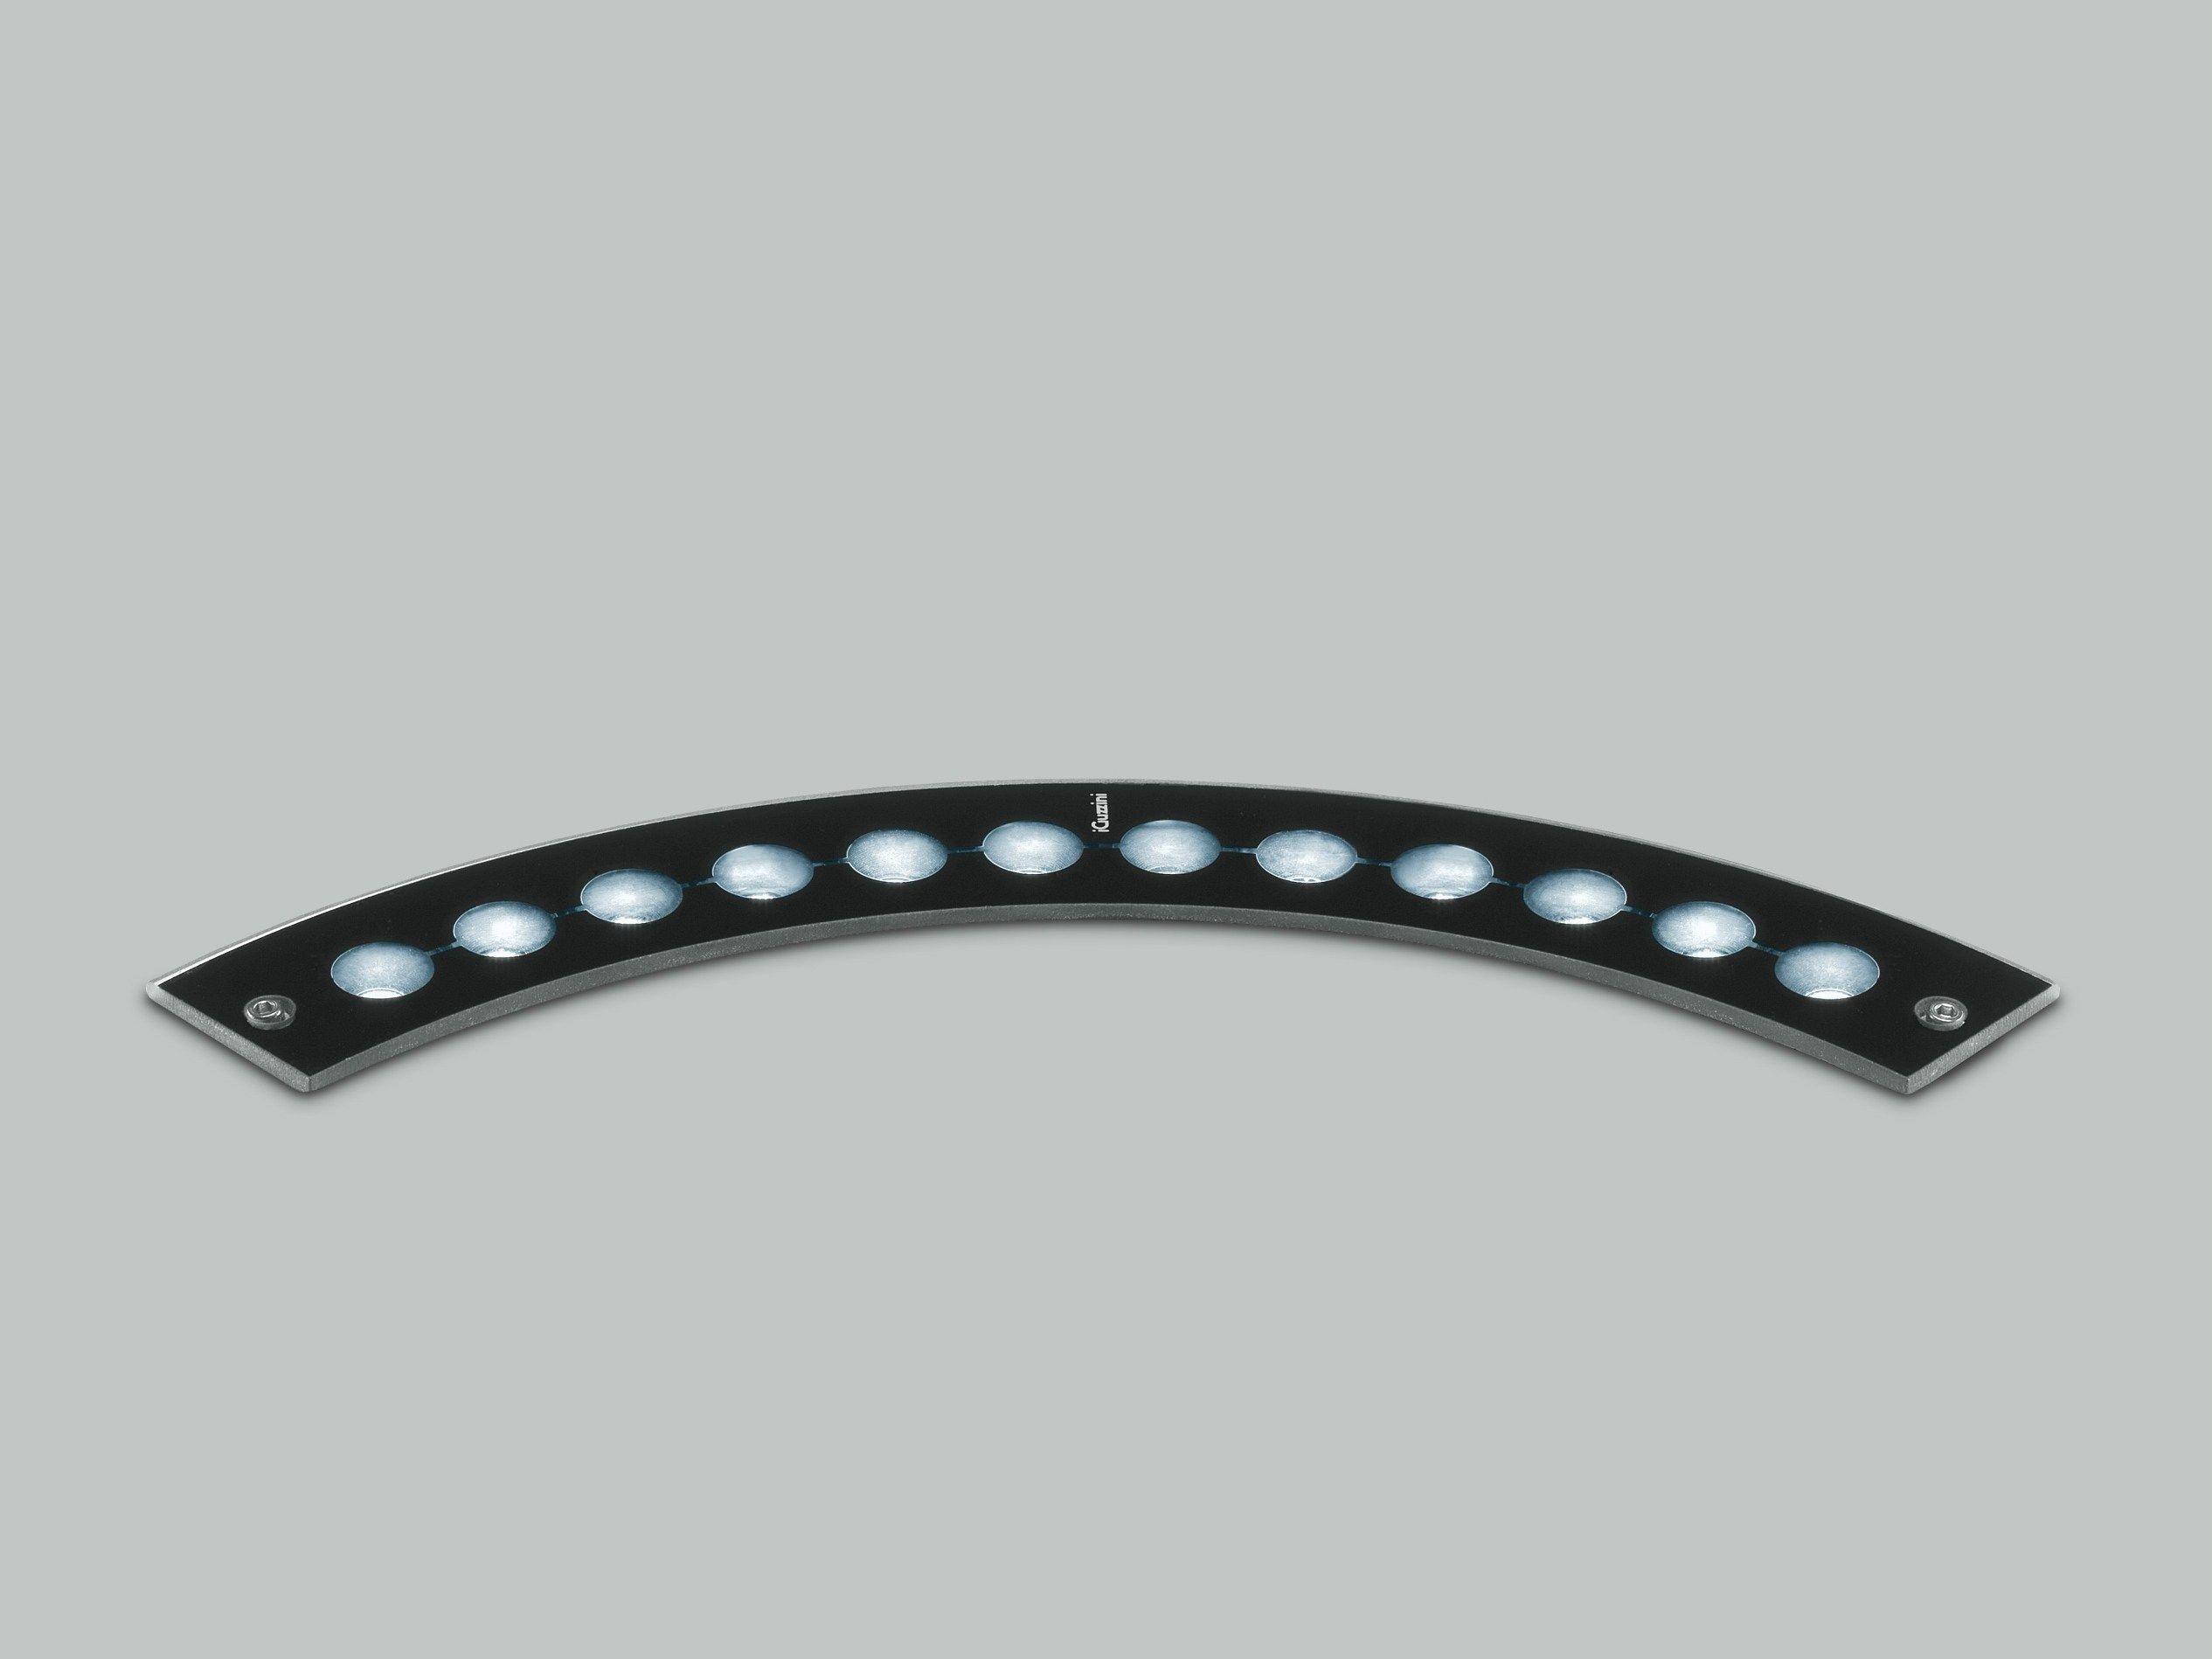 Barra a led componibile per esterni lun up by iguzzini for Illuminazione per esterni led